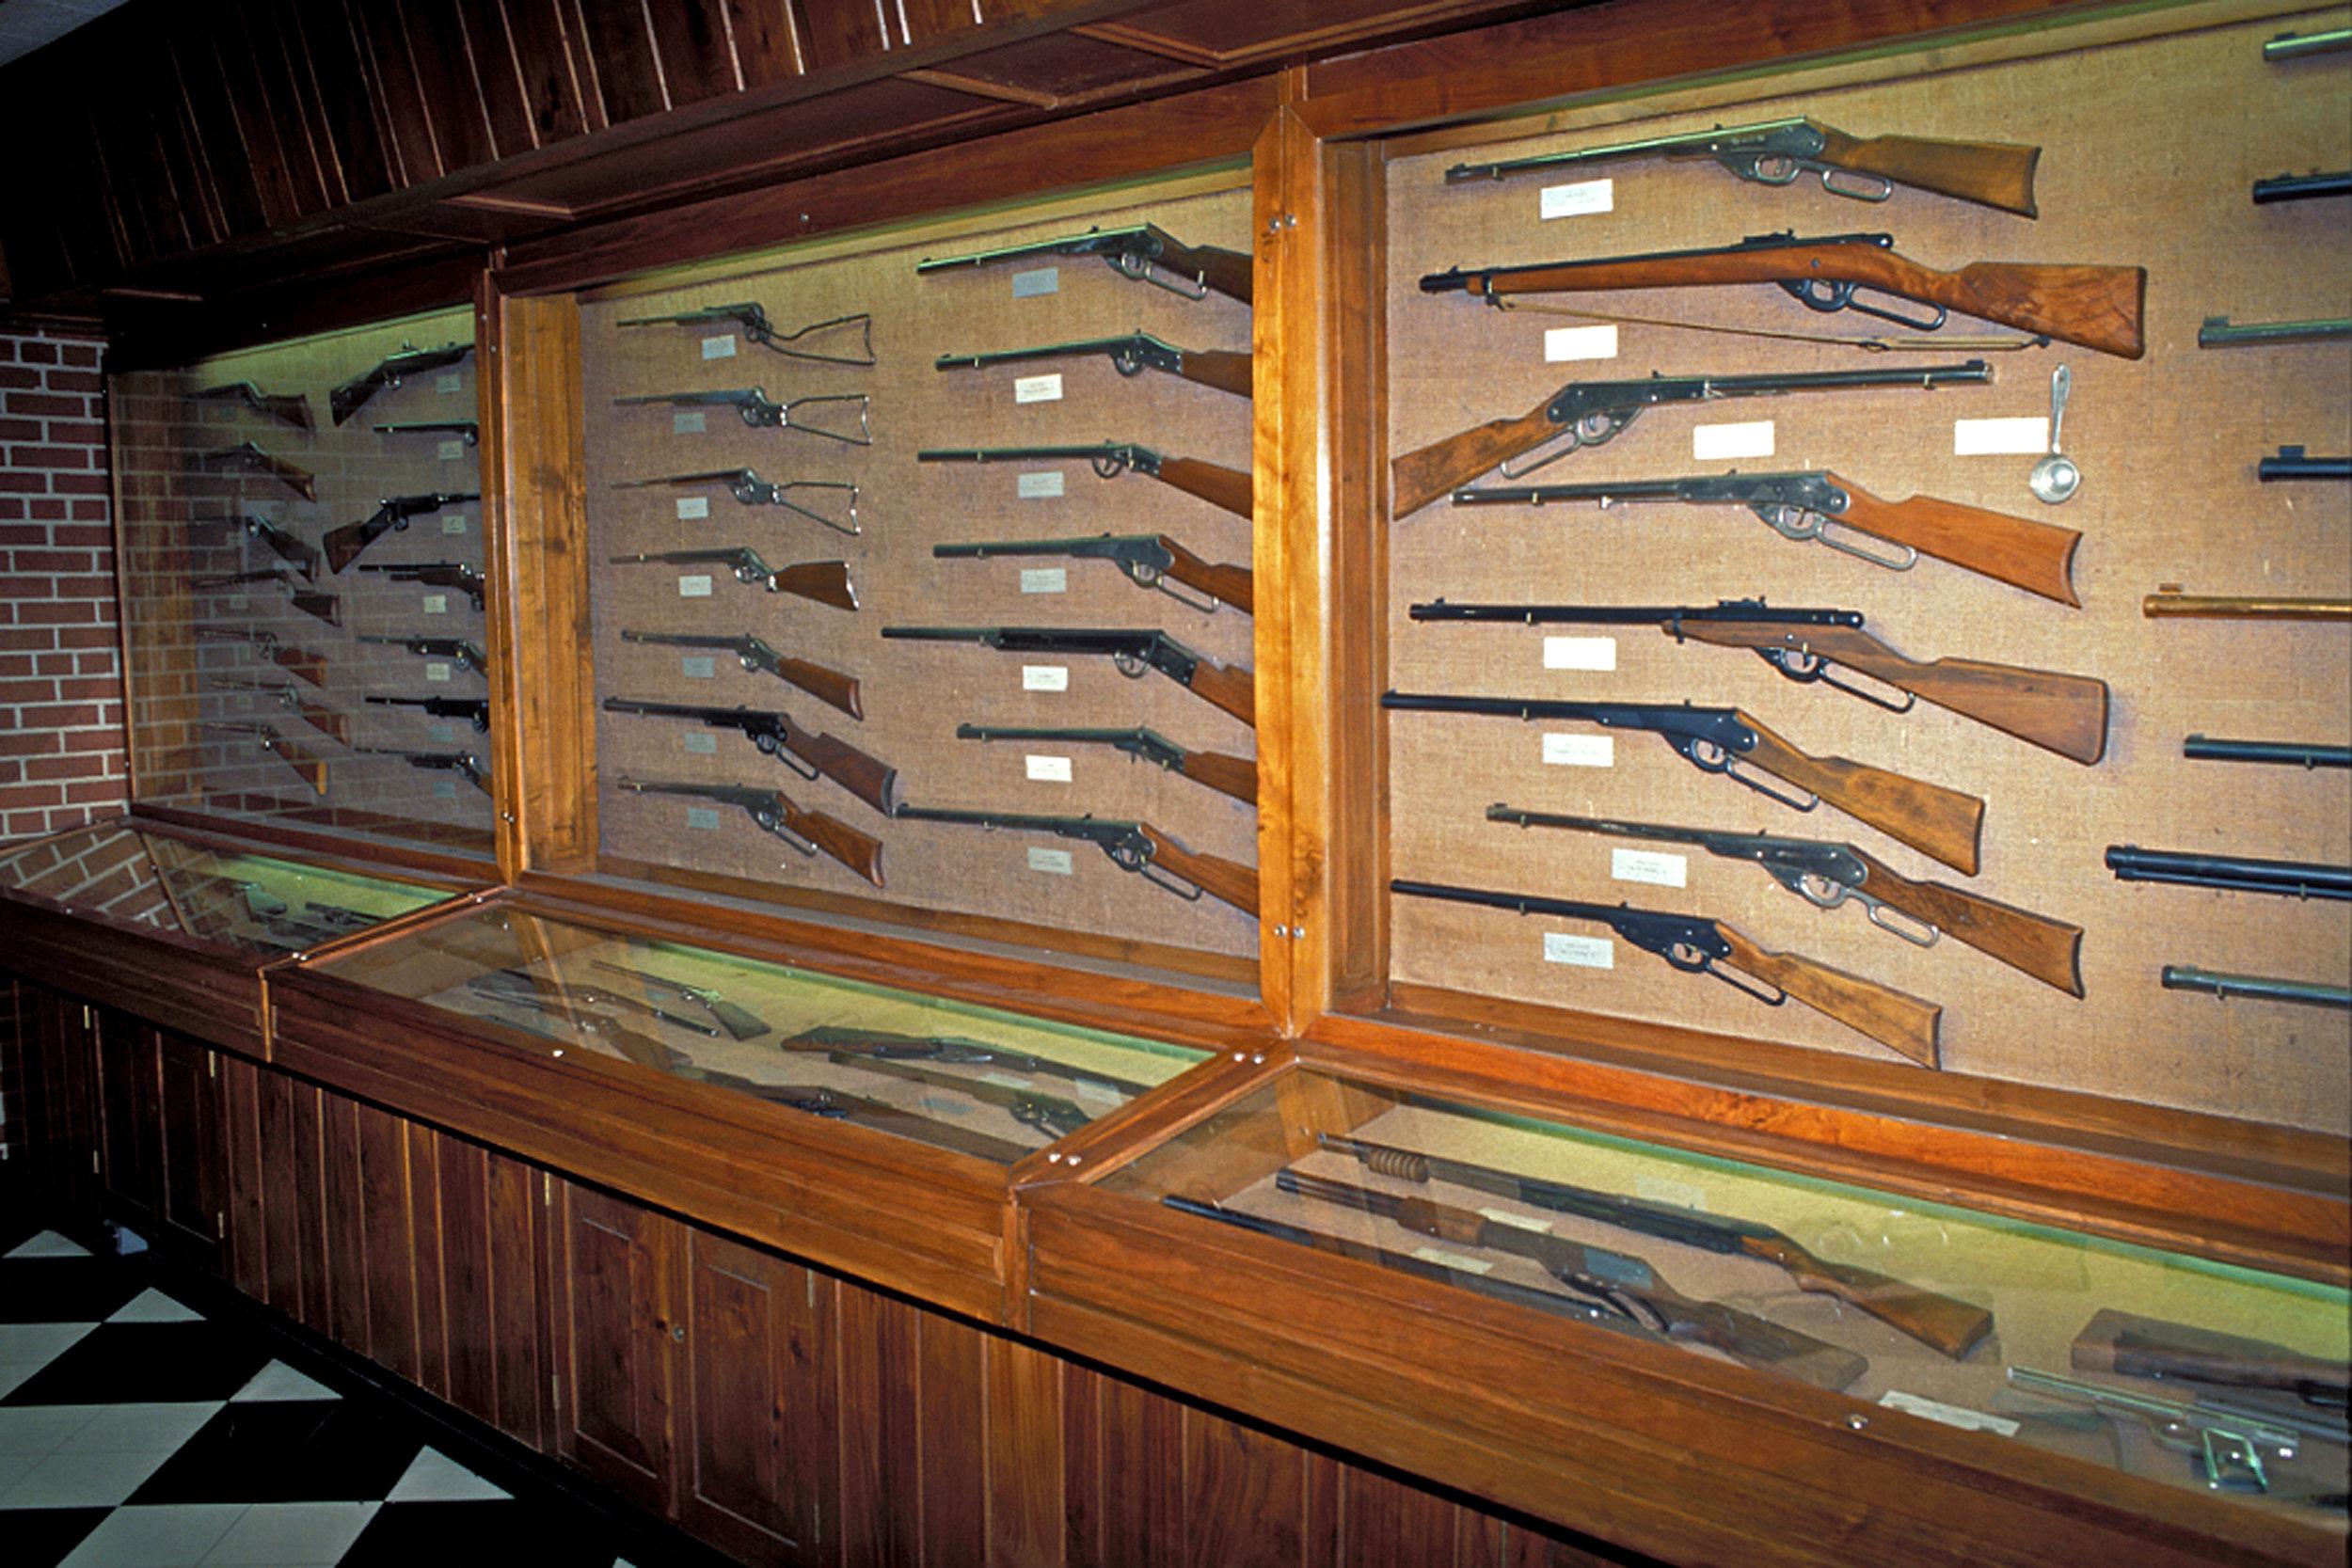 Daisy_Air_Gun_Museum_001.jpg